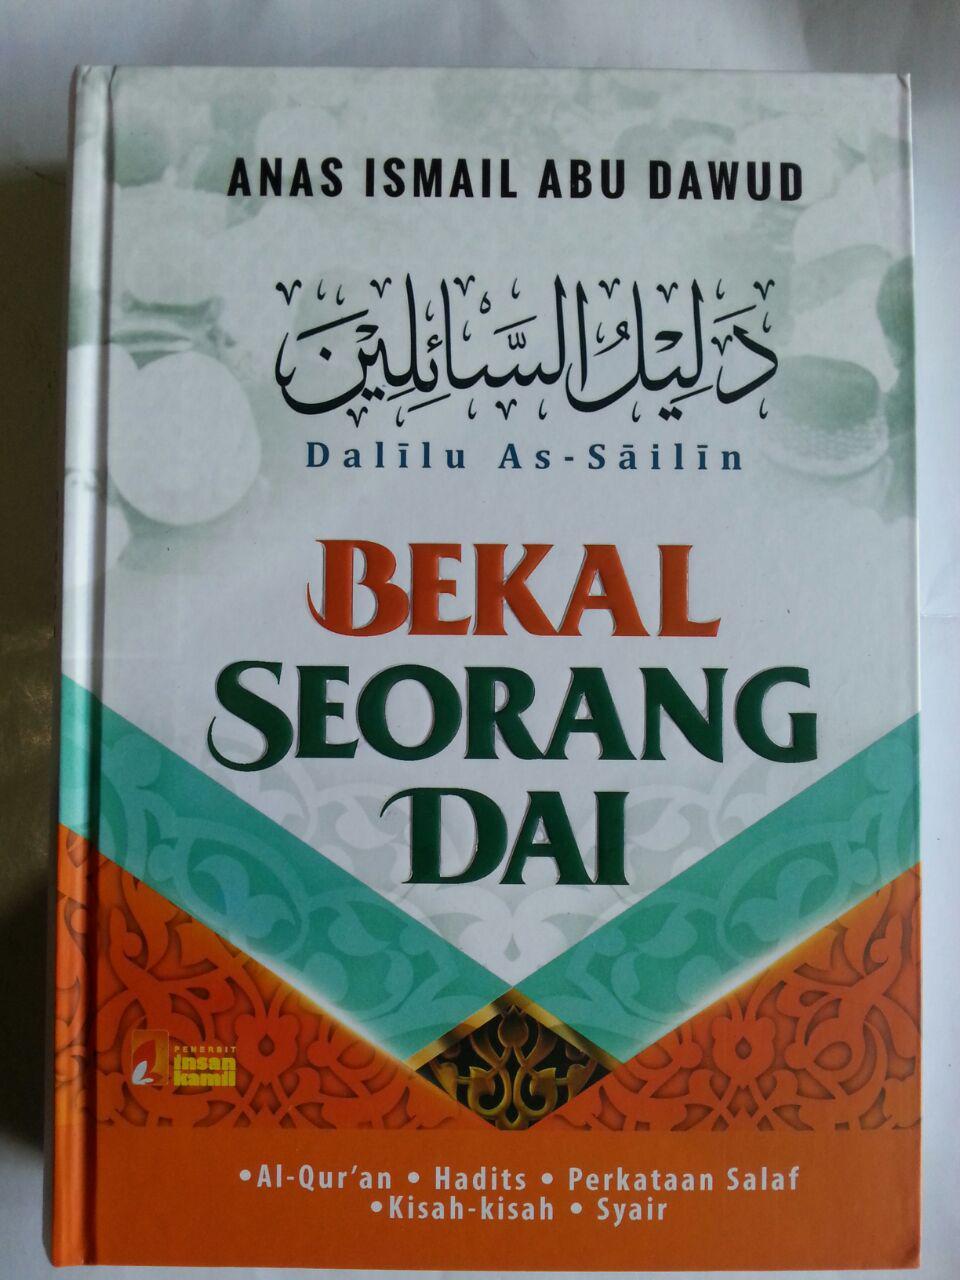 Buku Dalilu As-Sailin Bekal Seorang Dai cover 2